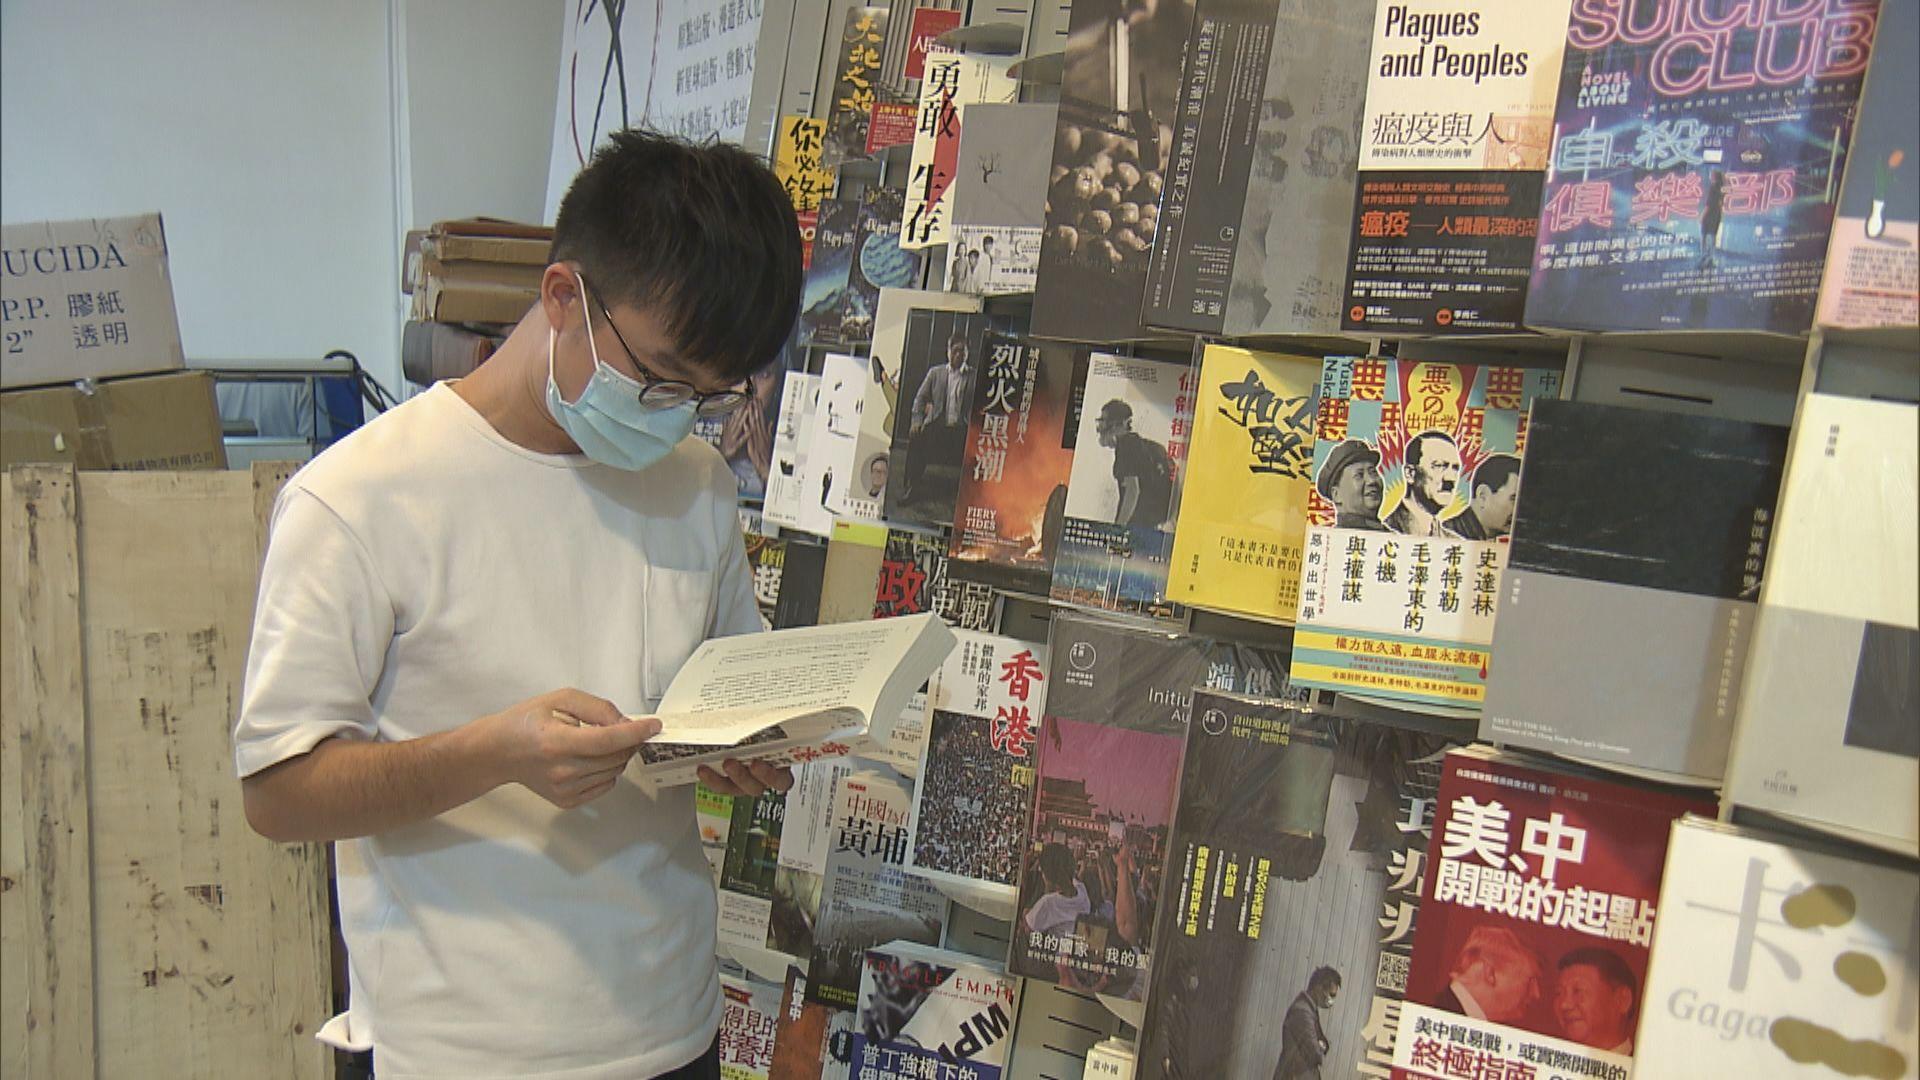 書展參展商認為國安法下違法書籍界線模糊